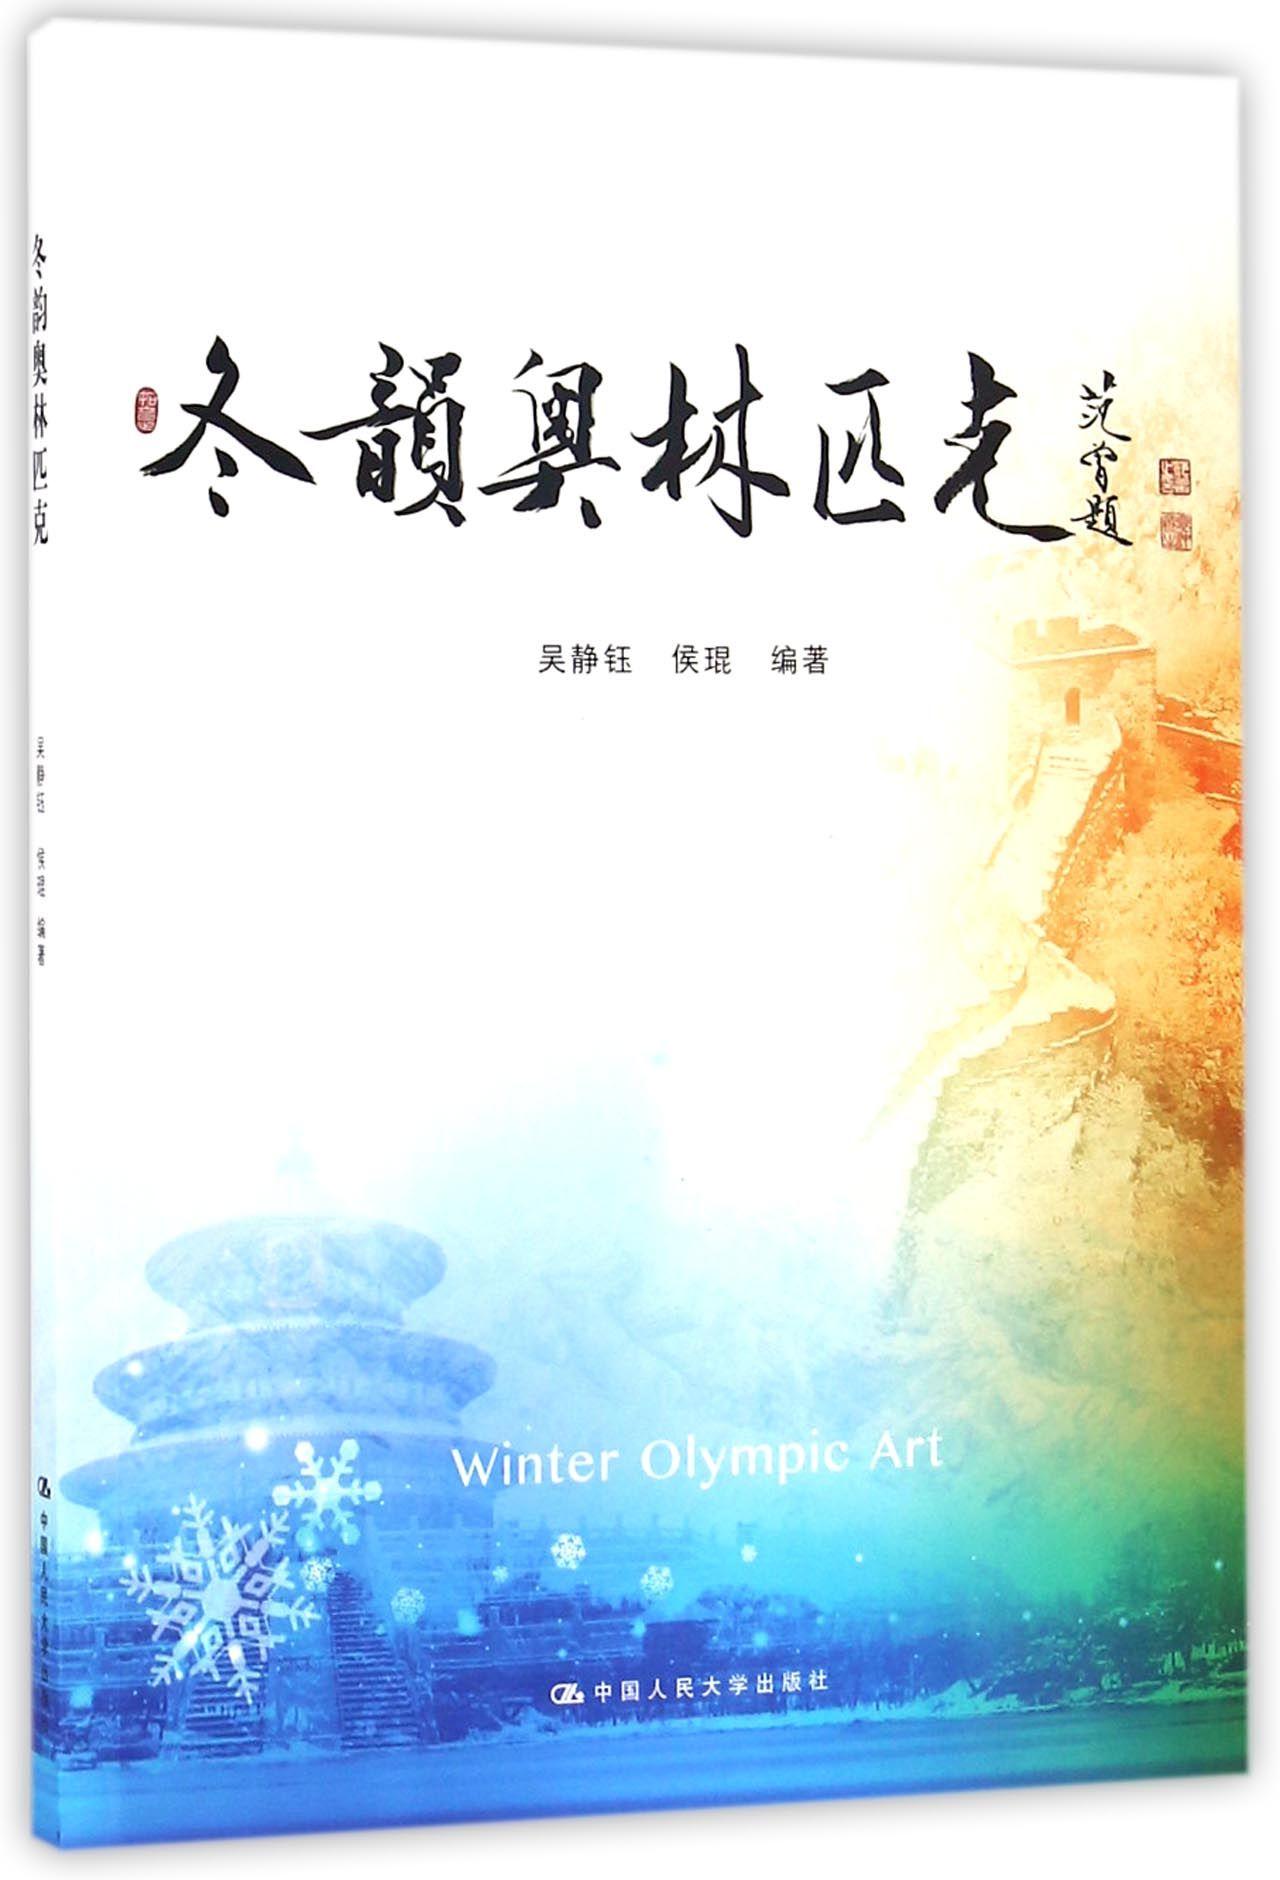 鼕韻奧林匹克